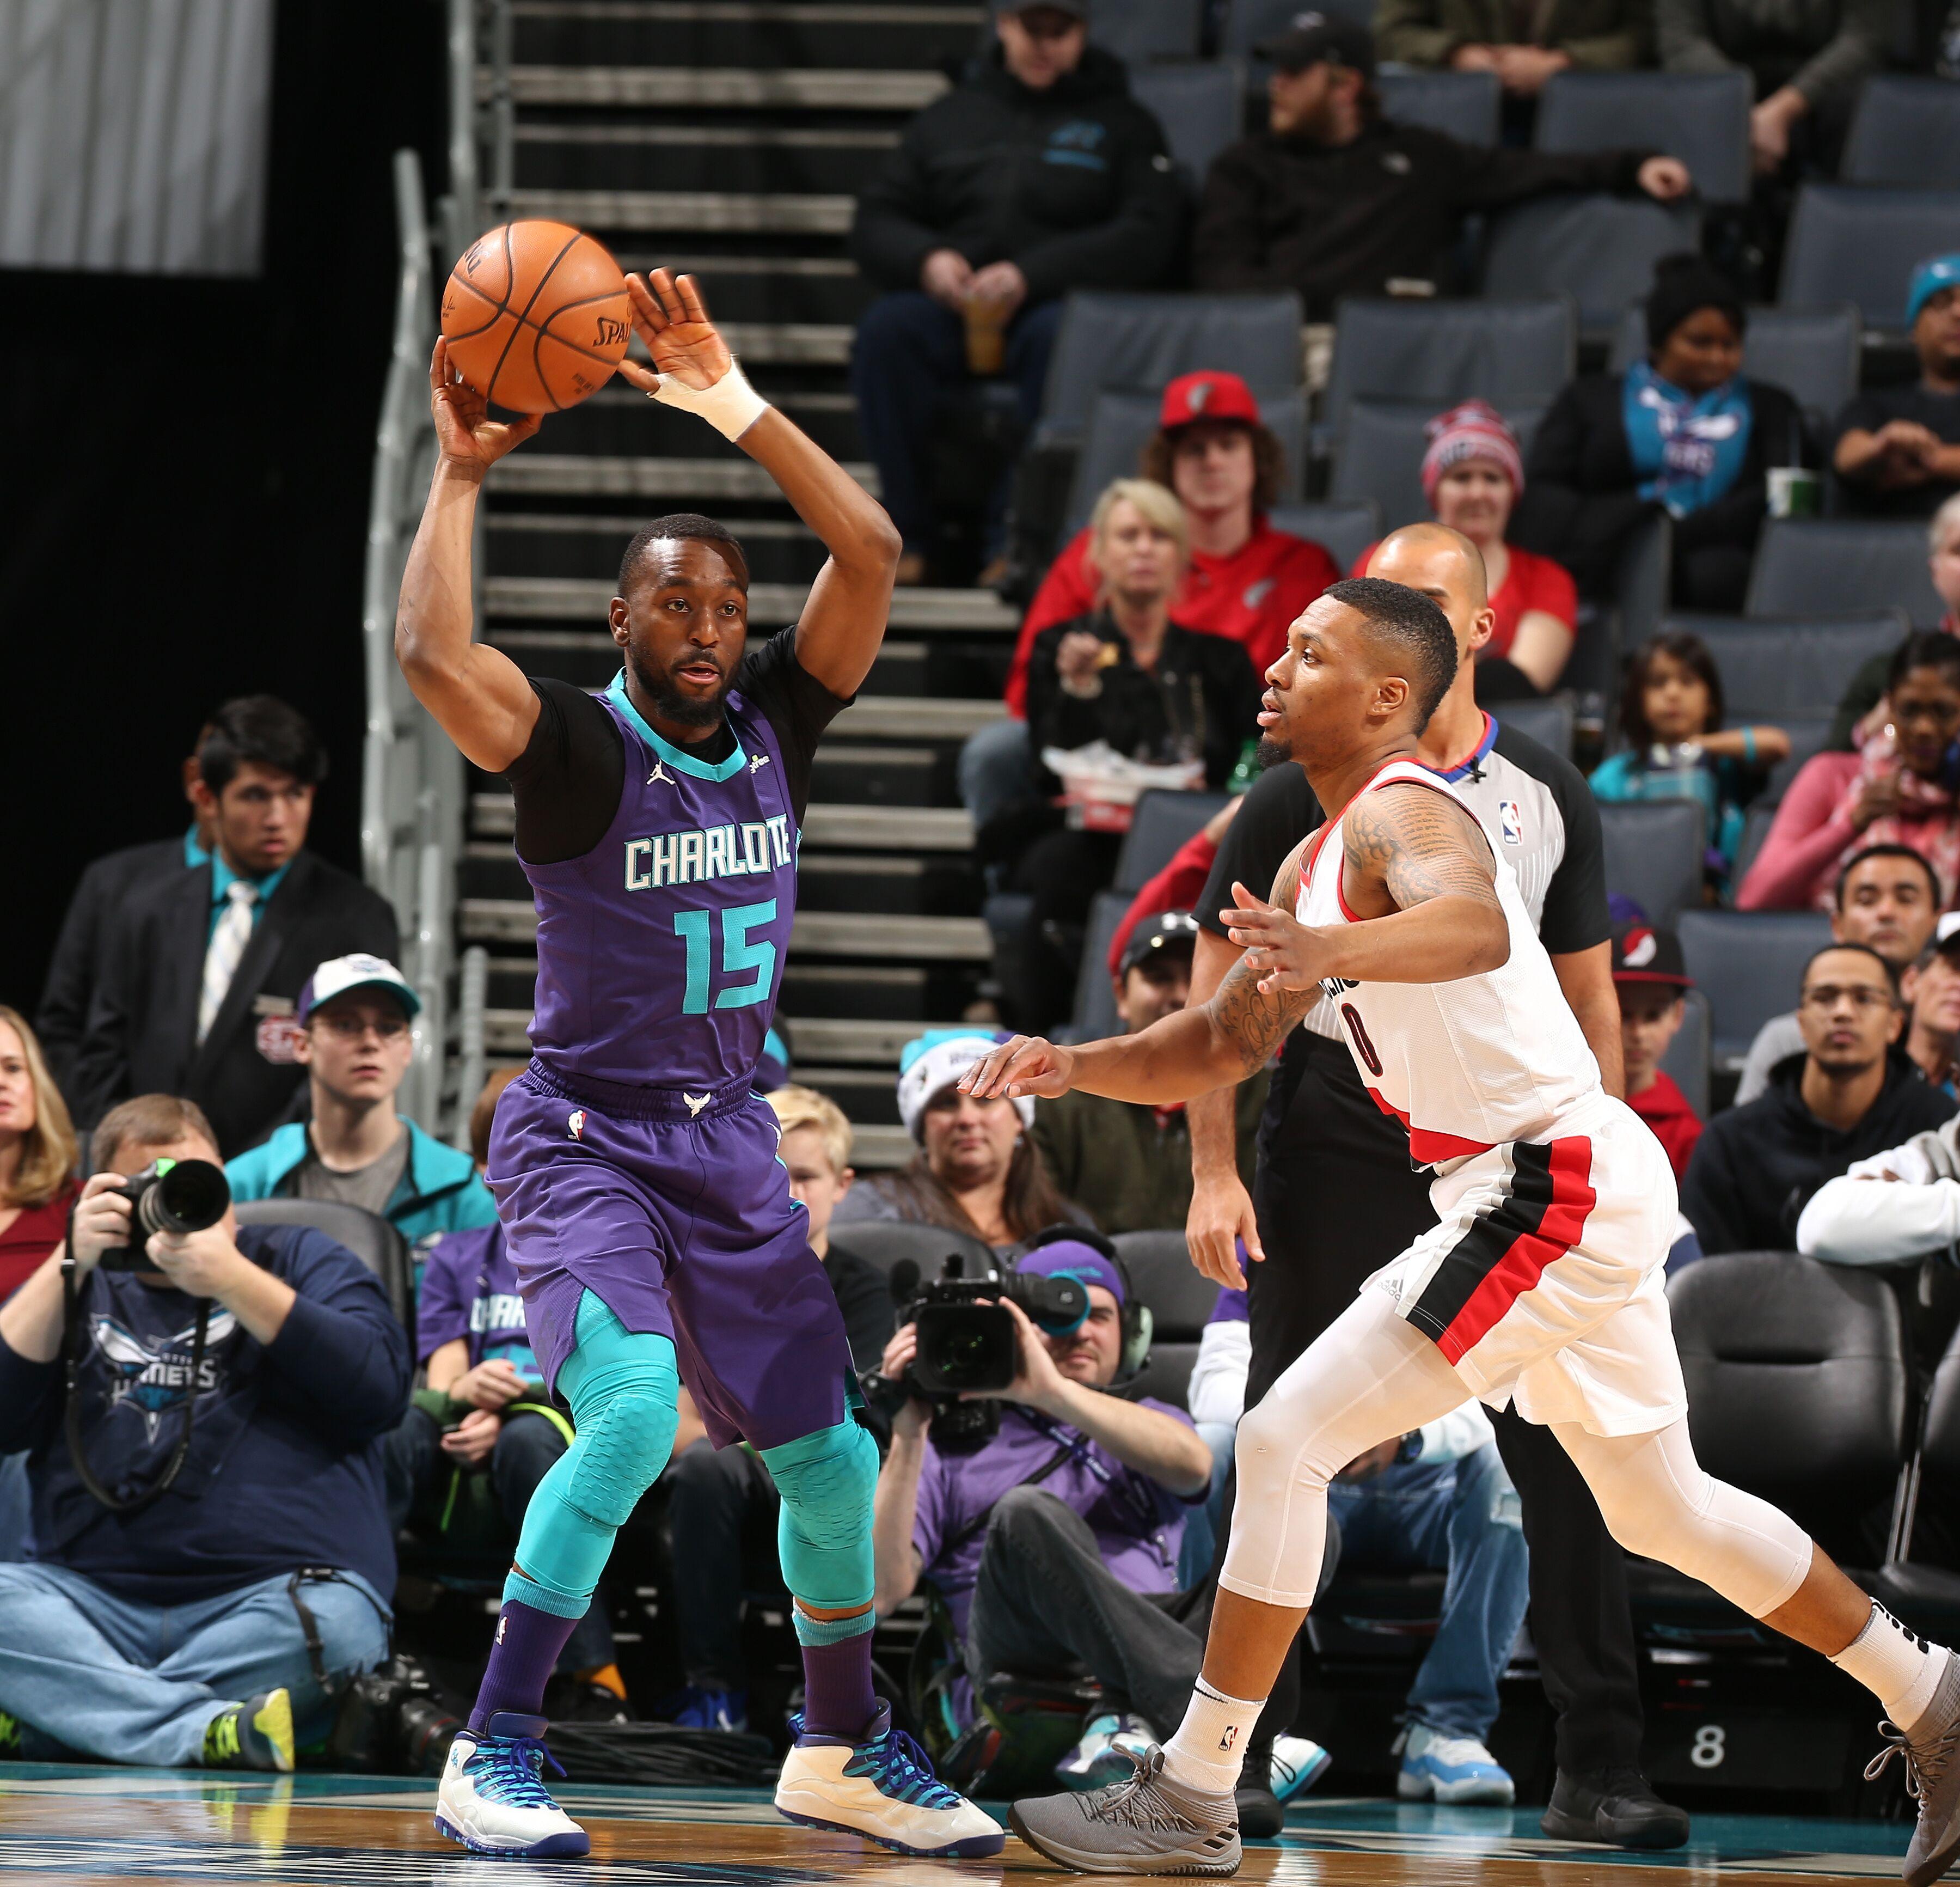 Portland Blazers Ranking: Charlotte Hornets Shoot Season-low From The Field In Loss